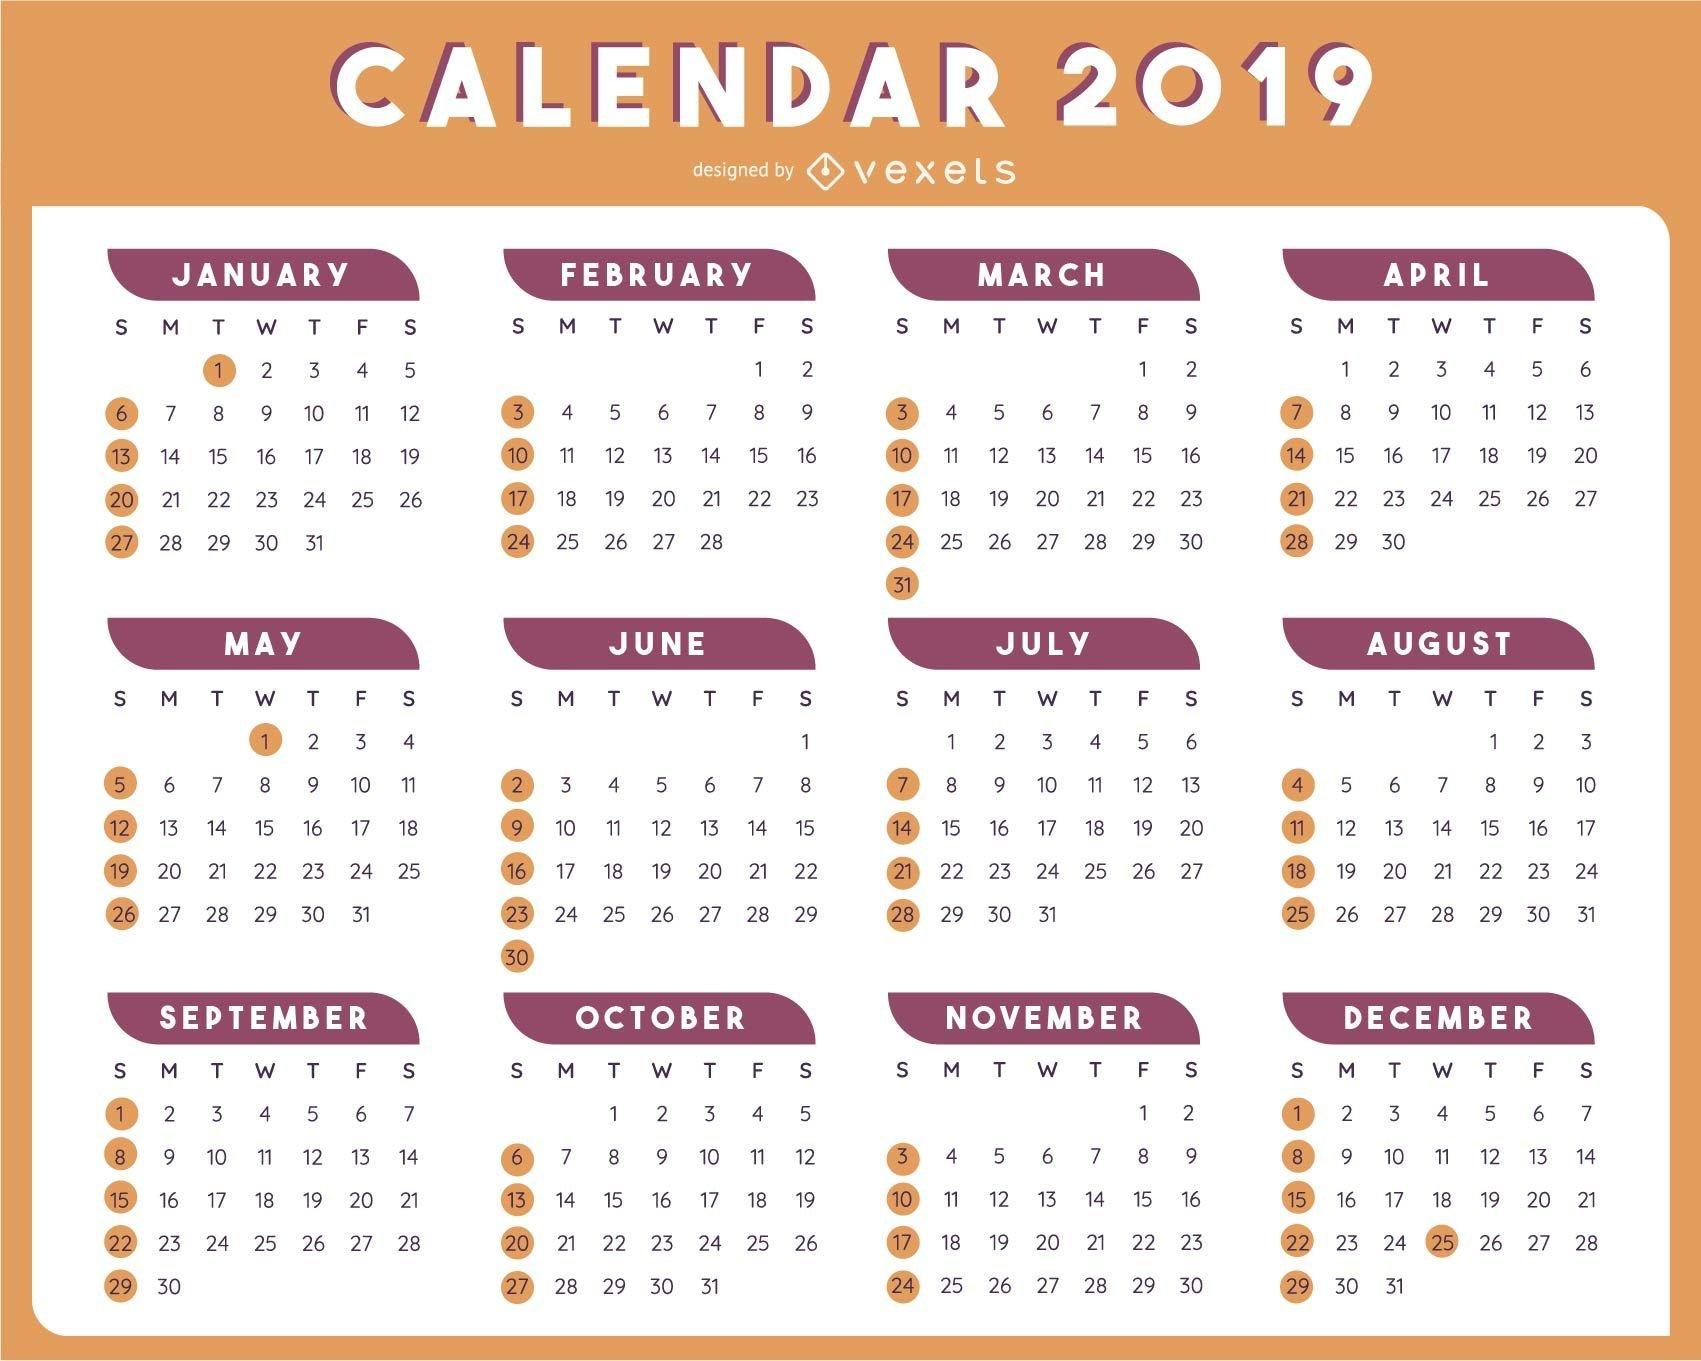 2019 Table Calendar Template Vector Design - Vector Download Calendar 2019 Table